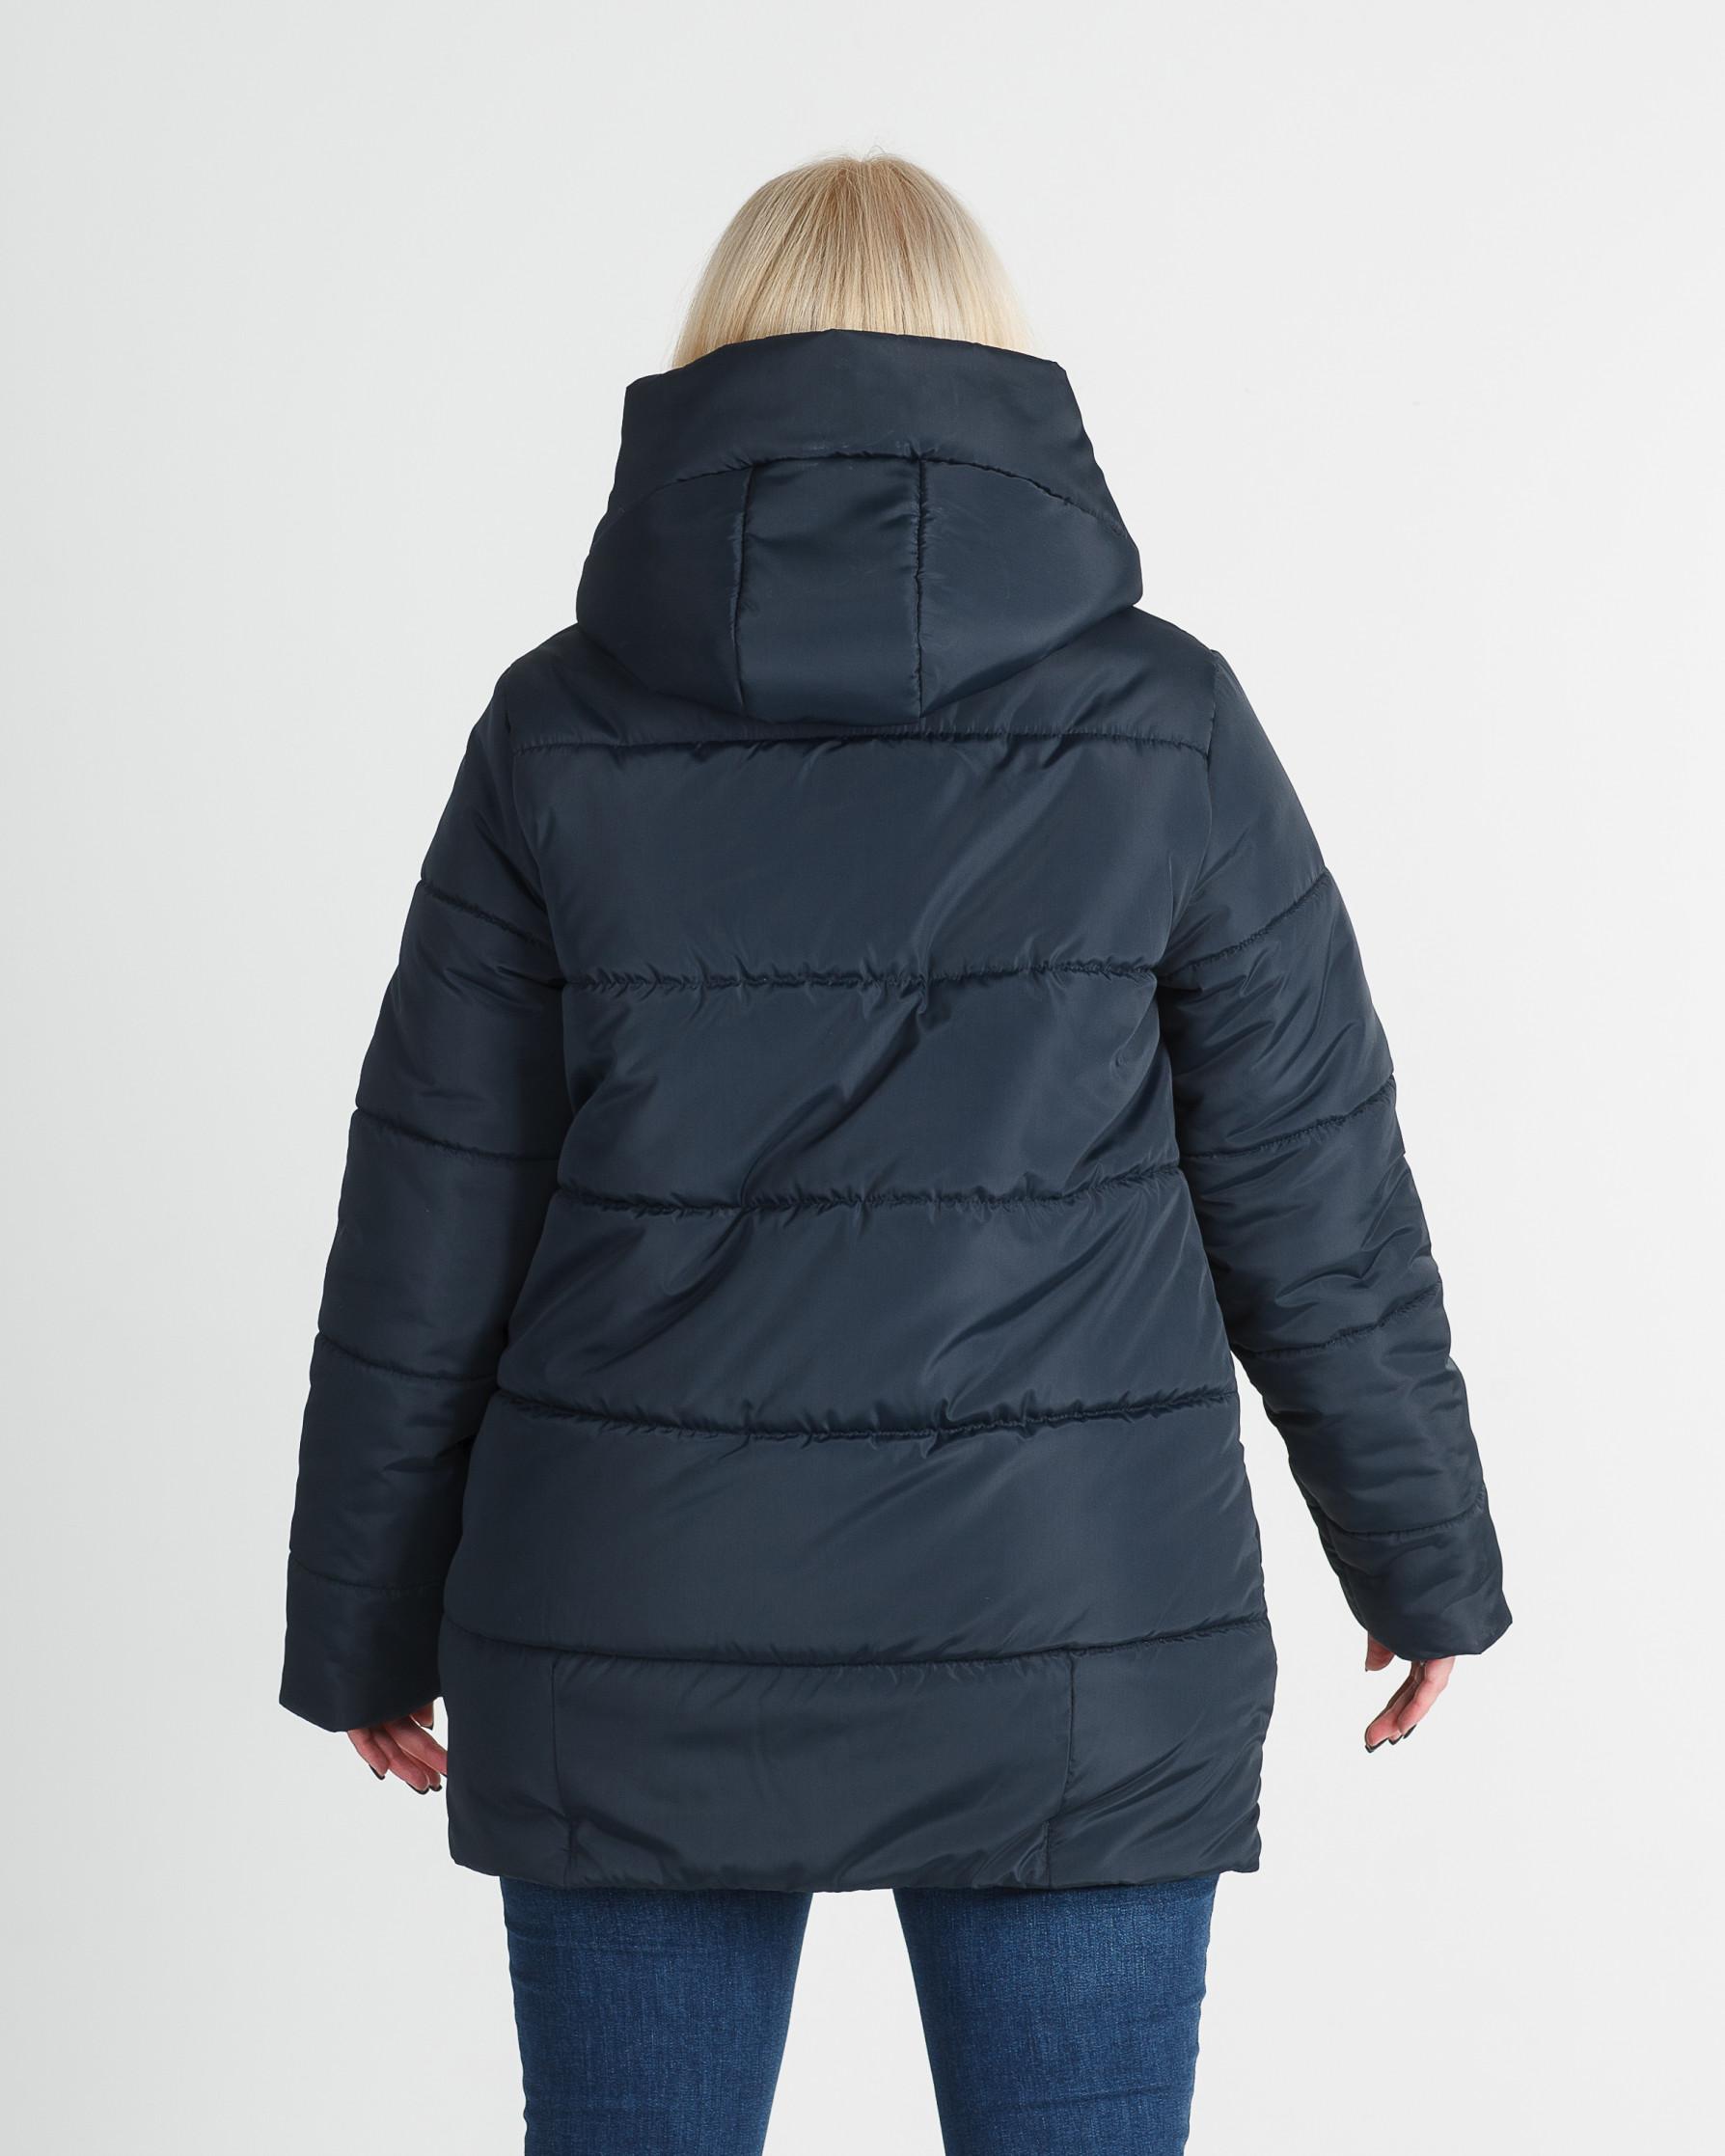 Зимняя удлинённая тёмно синяя женская куртка Линда